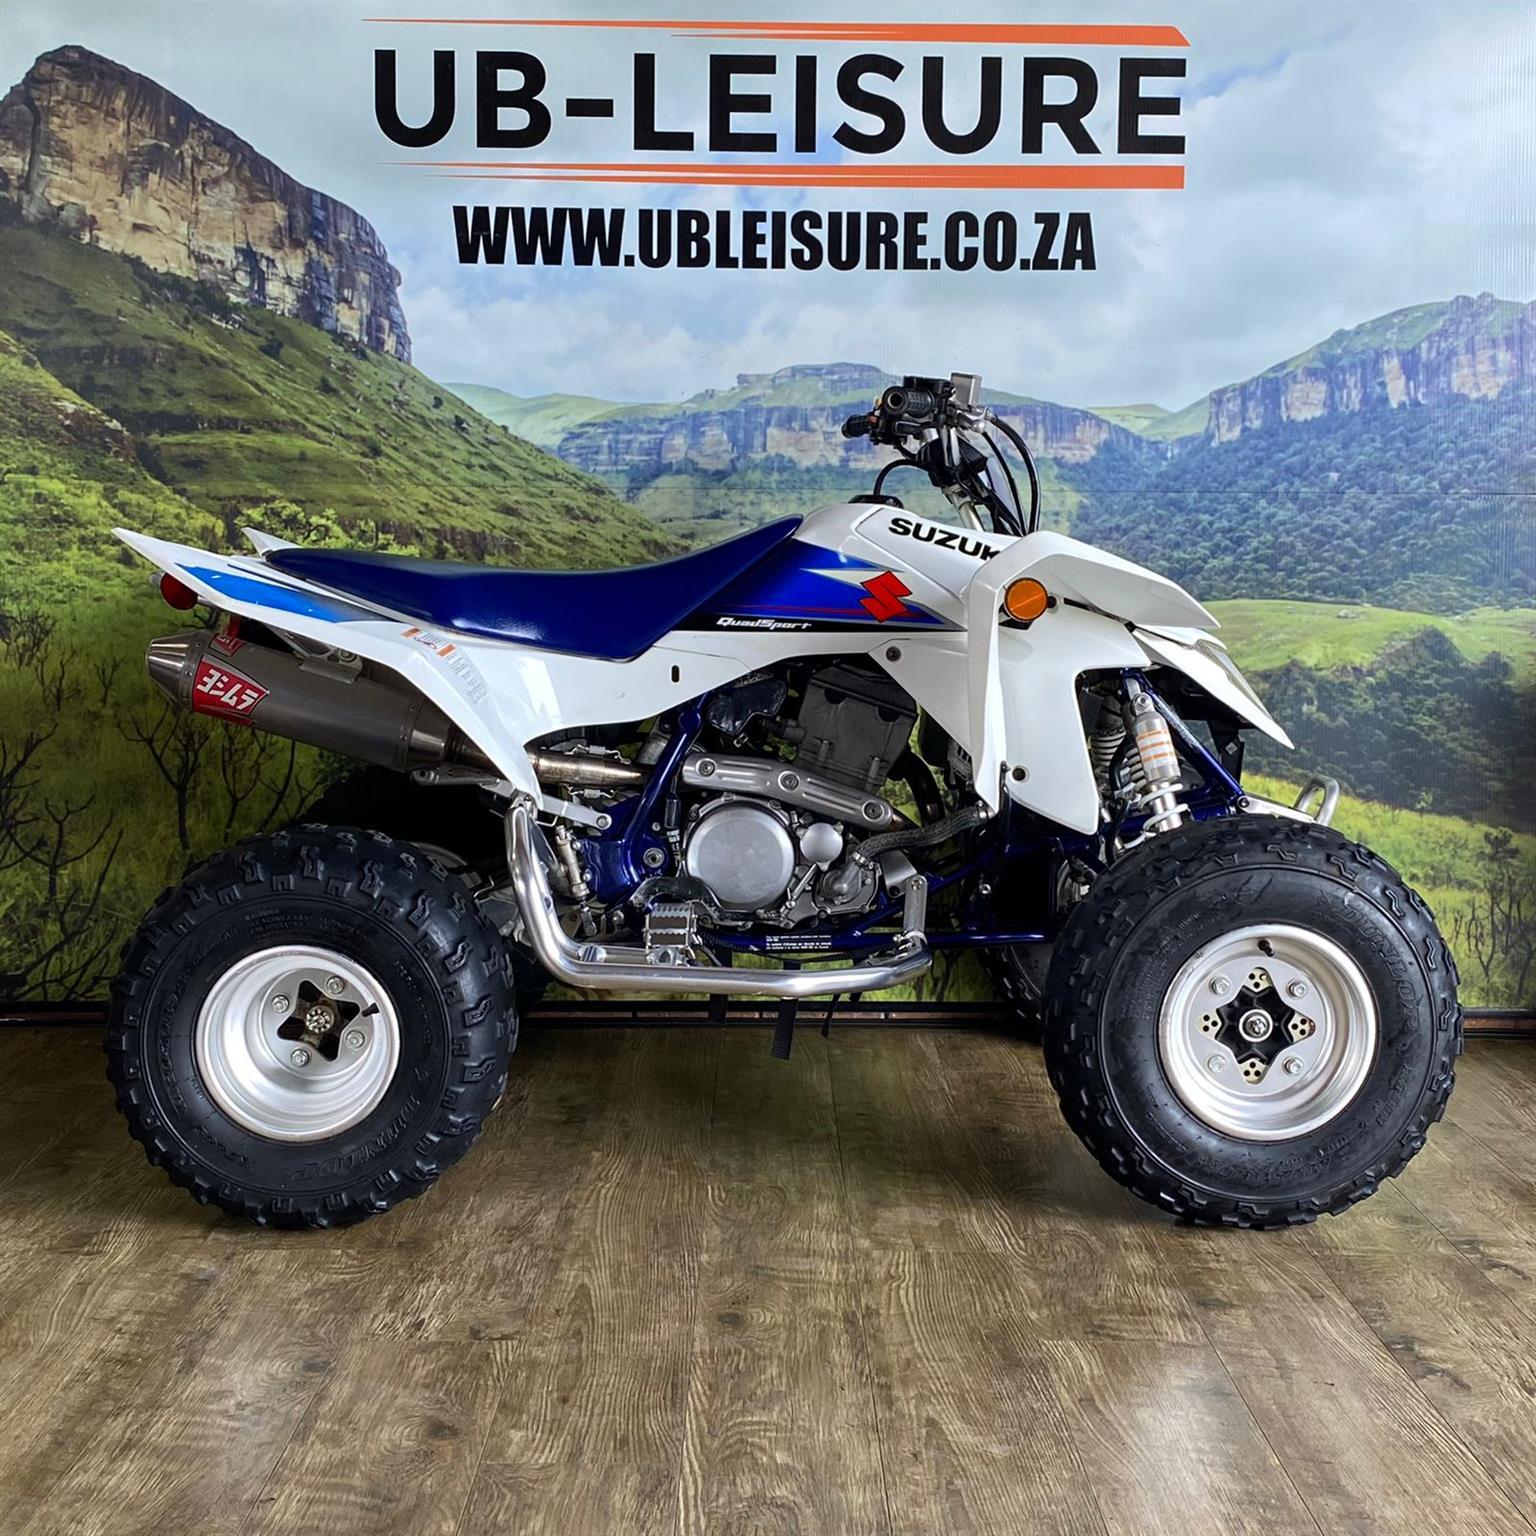 2009 SUZUKI LTZ 400 FI | UB LEISURE